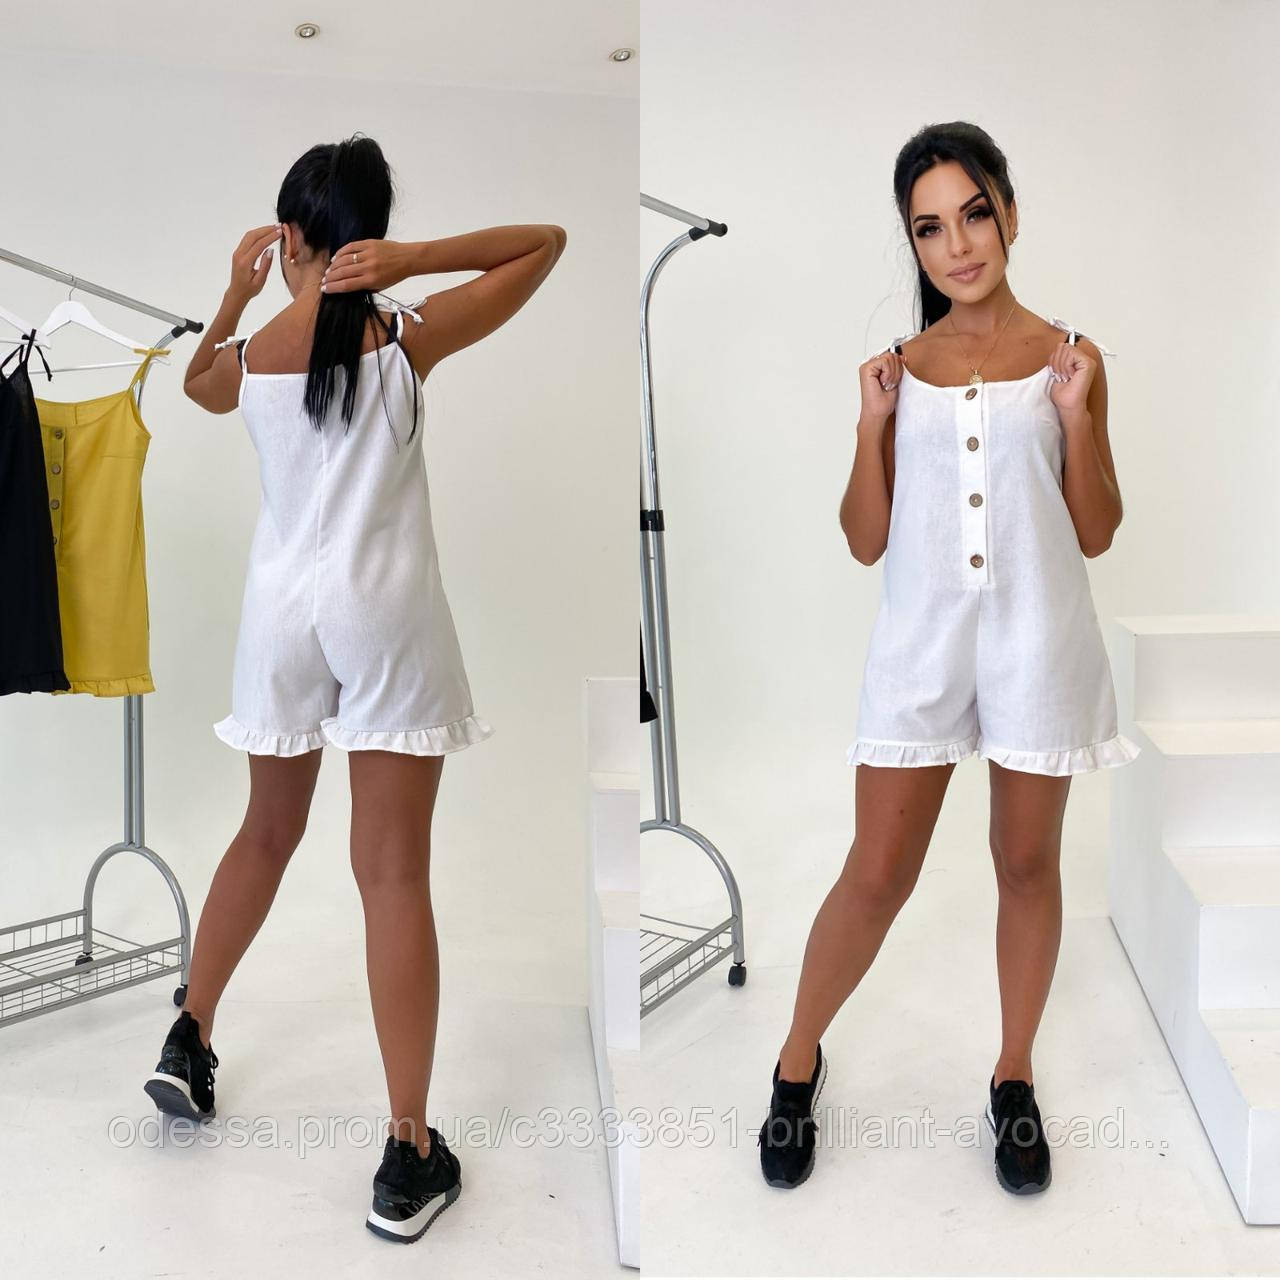 Жіночий модний лляної комбінезон з шортами